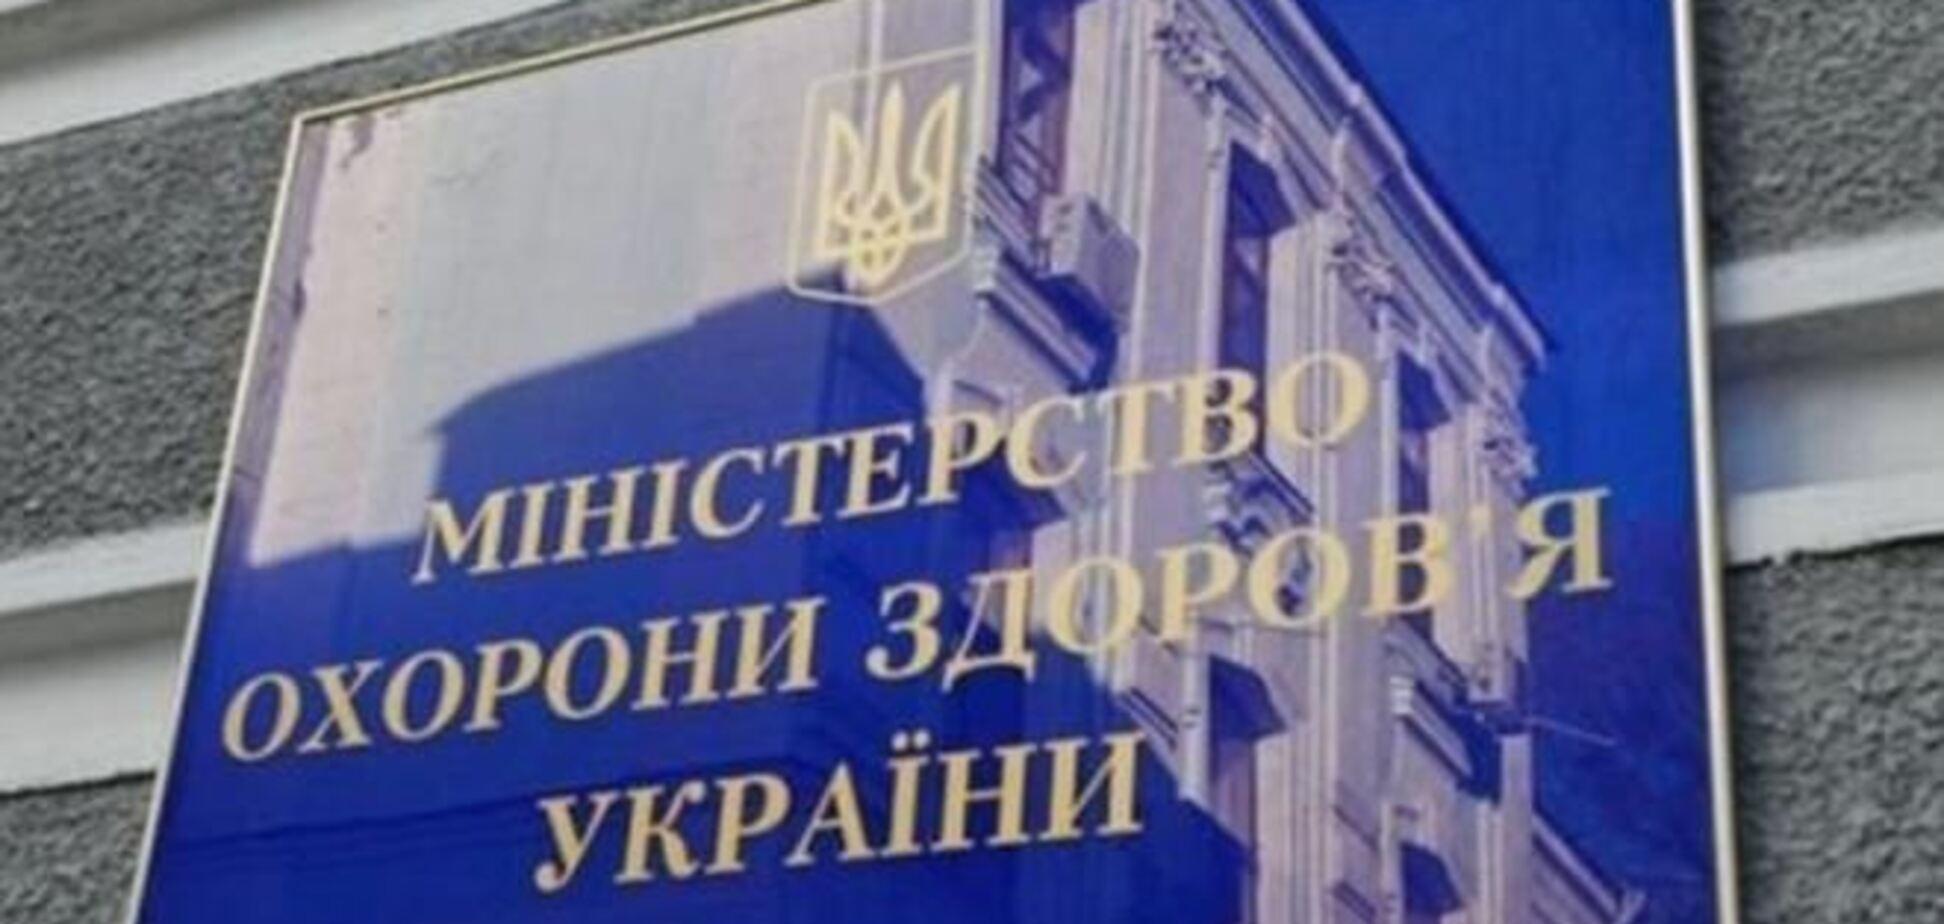 МОЗ утверждает: 'Украин' к применению запрещен